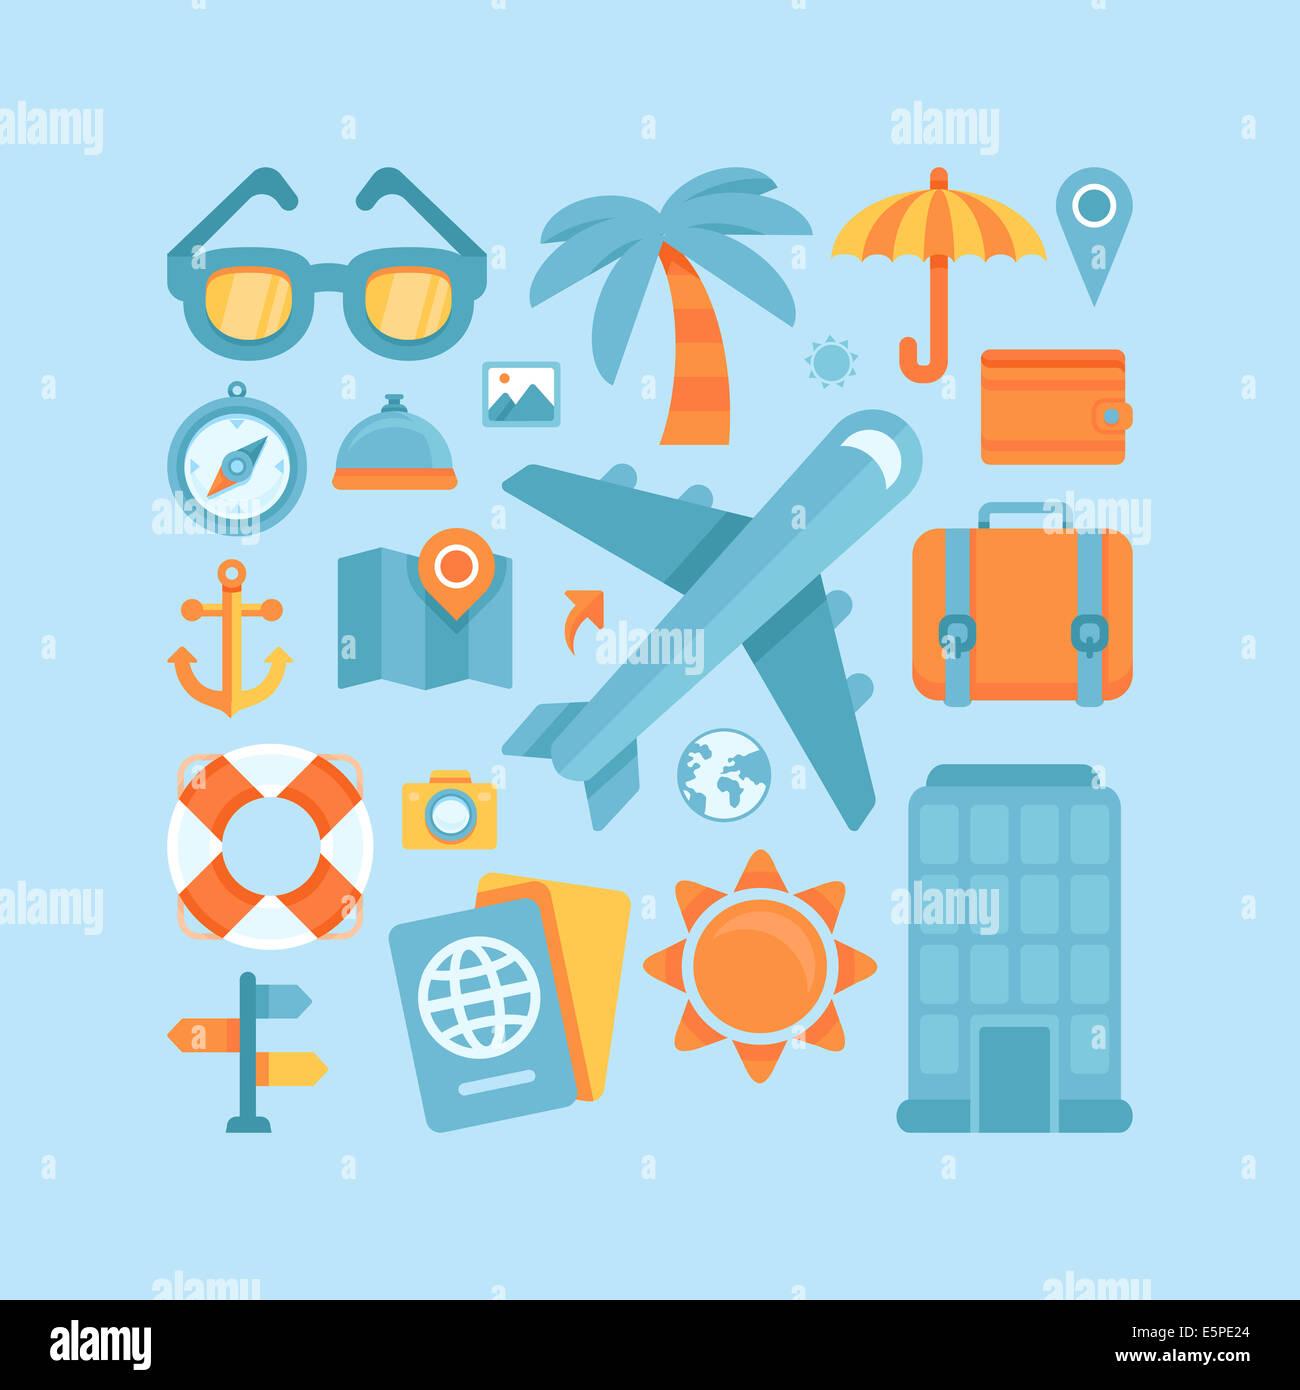 Symbole und Begriffe im flachen Stil - reisen und Urlaub, Trendy Banner und Schilder - Sommer und Reise Stockbild